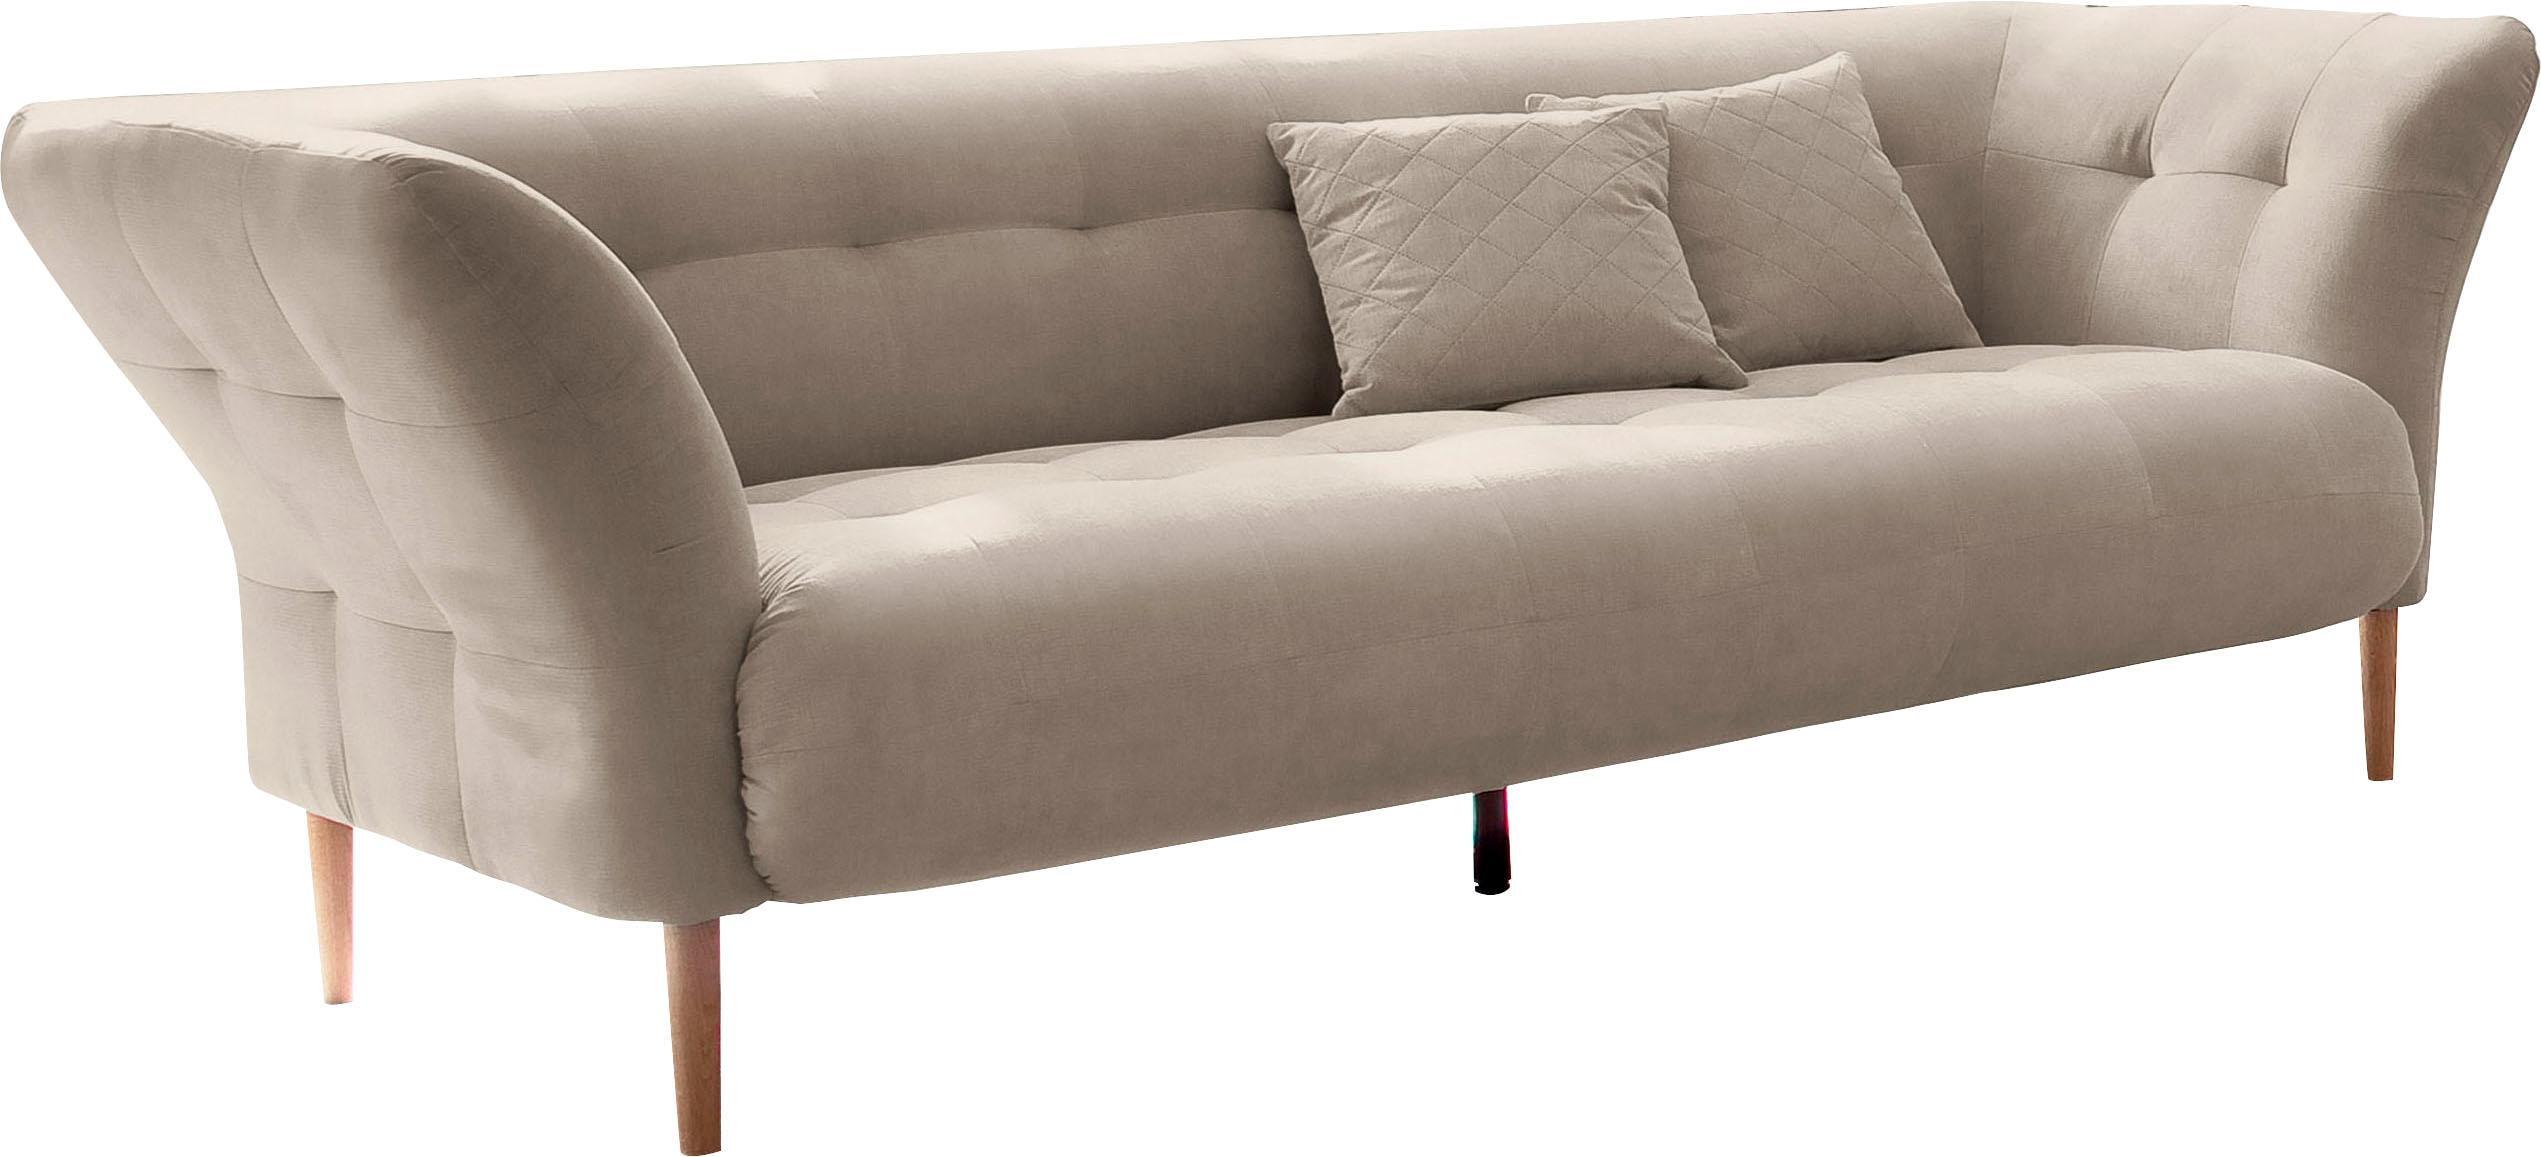 andas 3-Sitzer Trelleborg